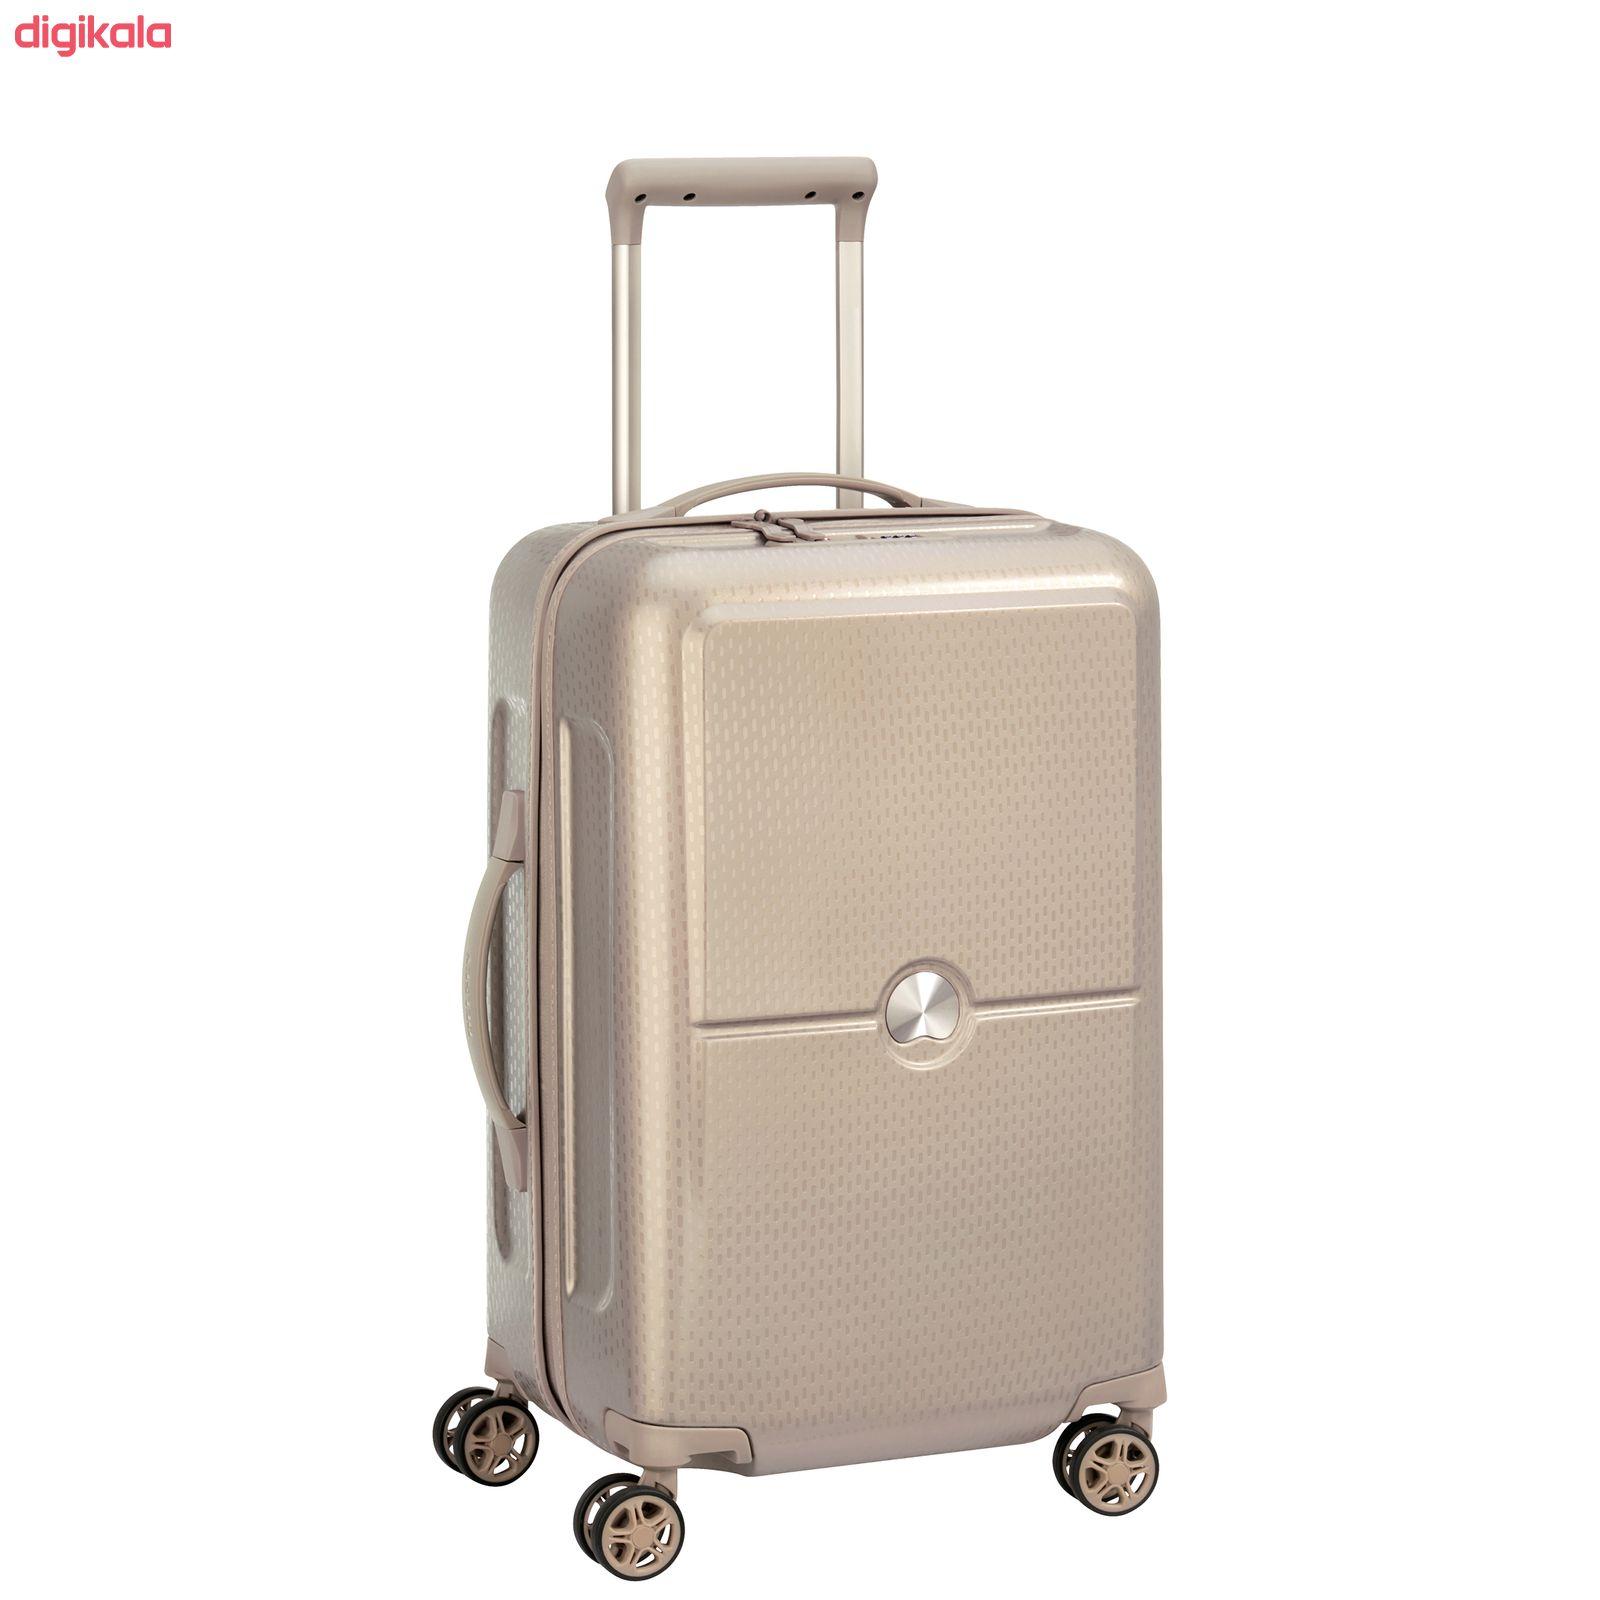 چمدان دلسی مدل TURENNE کد 1621801 سایز کوچک main 1 13